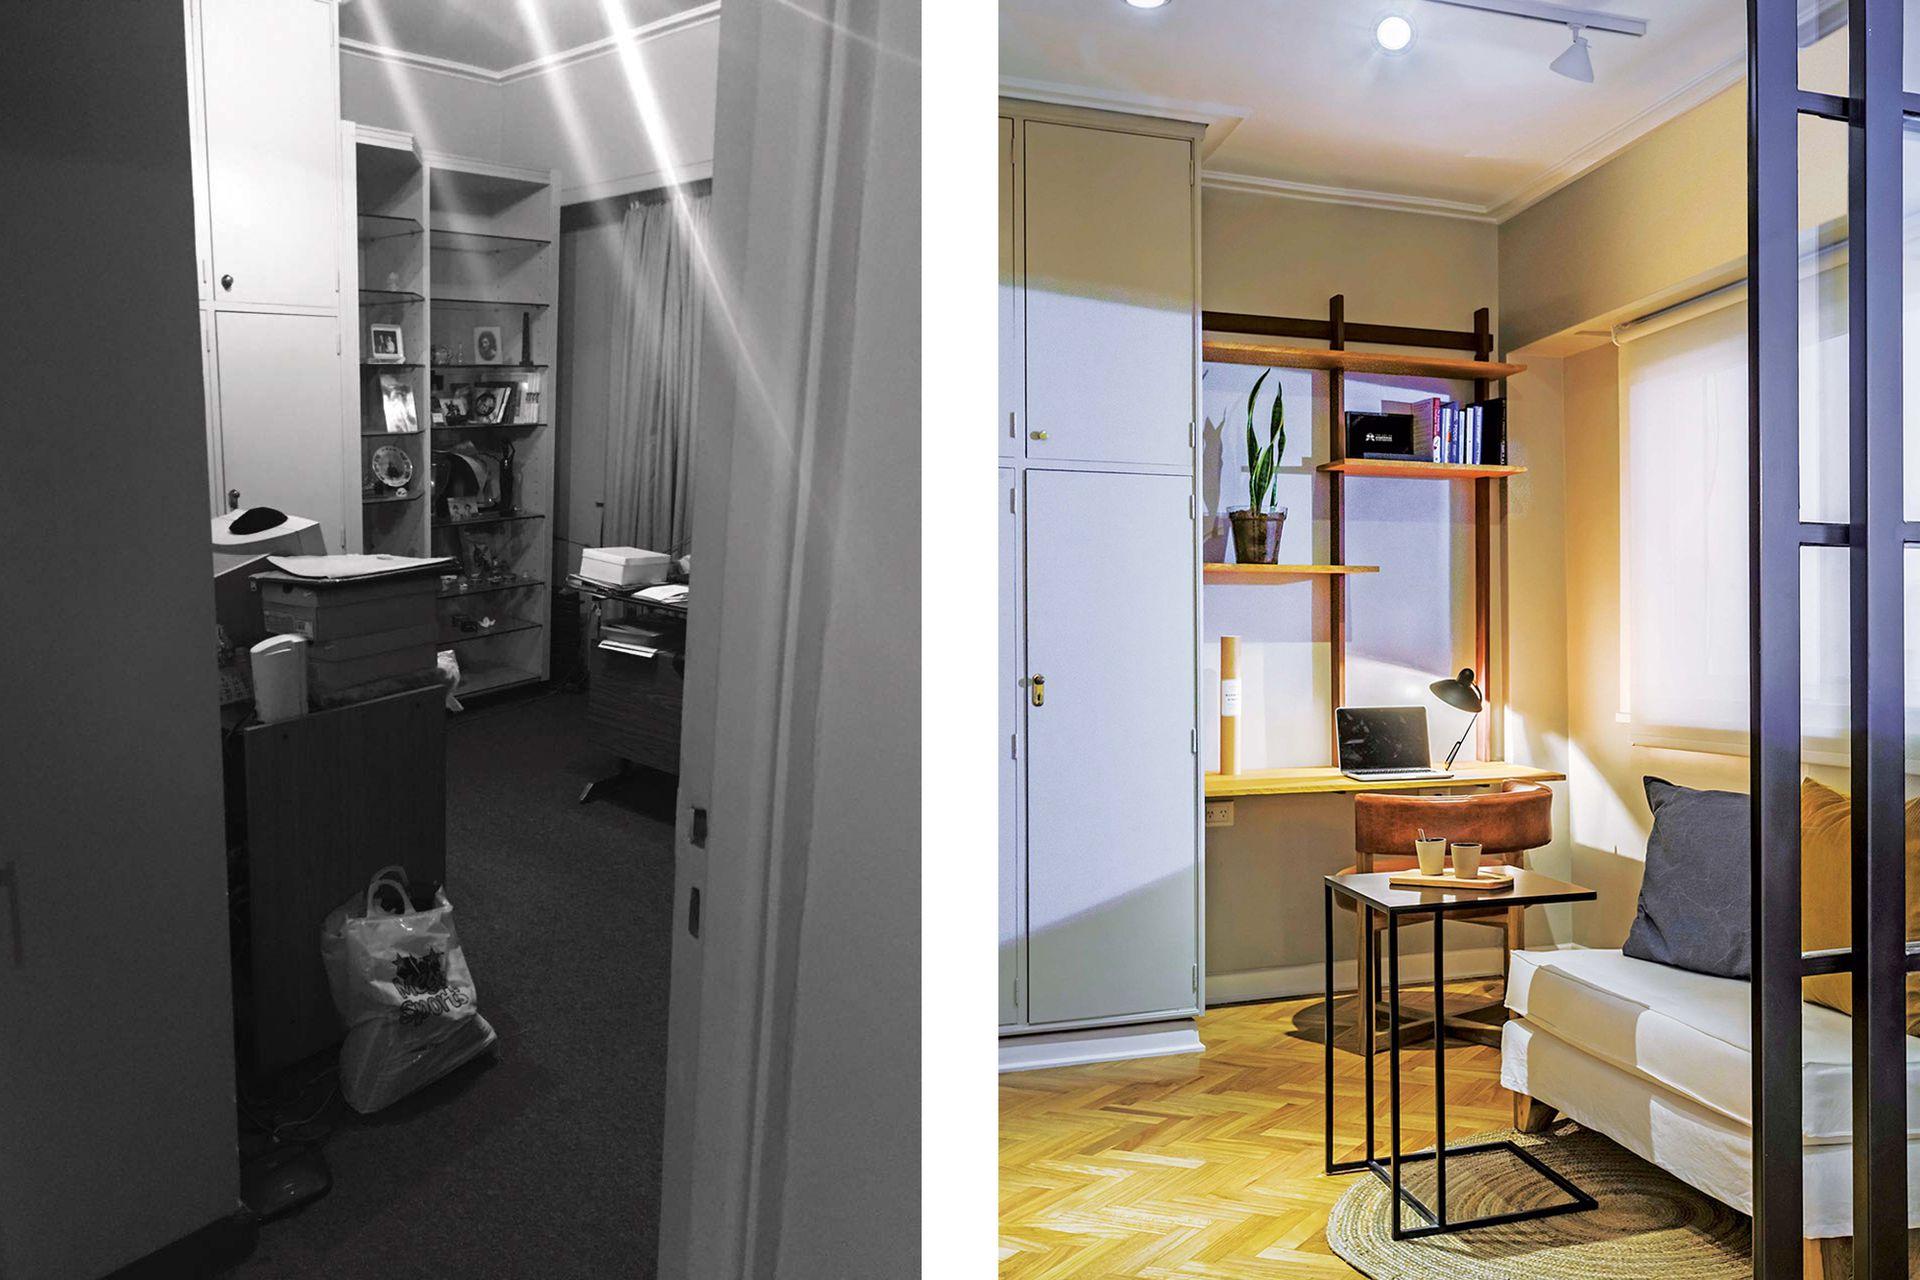 ANTES: el segundo dormitorio era independiente del living.  DESPUÉS: con una puerta corrediza de hierro y vidrio repartido, se abrió para convertirse en una sala de estar capaz de funcionar como extensión del comedor o espacio independiente.